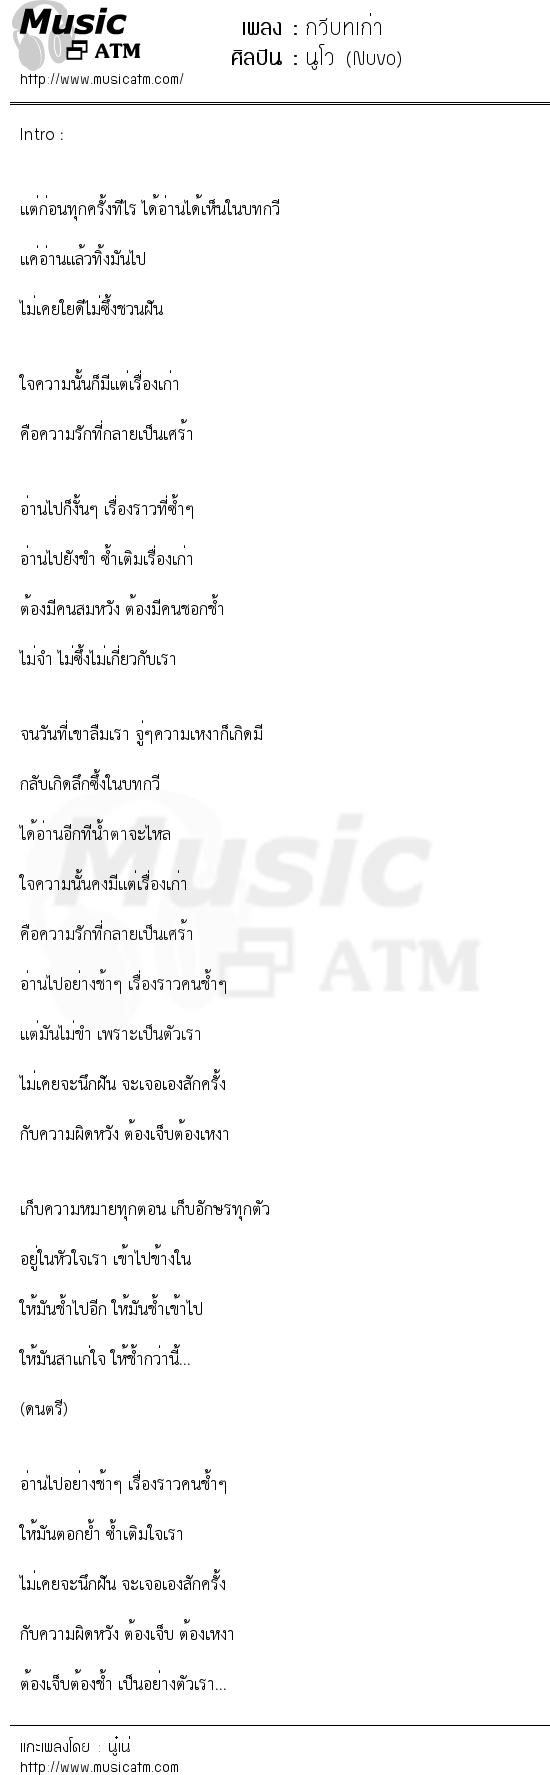 กวีบทเก่า | เพลงไทย